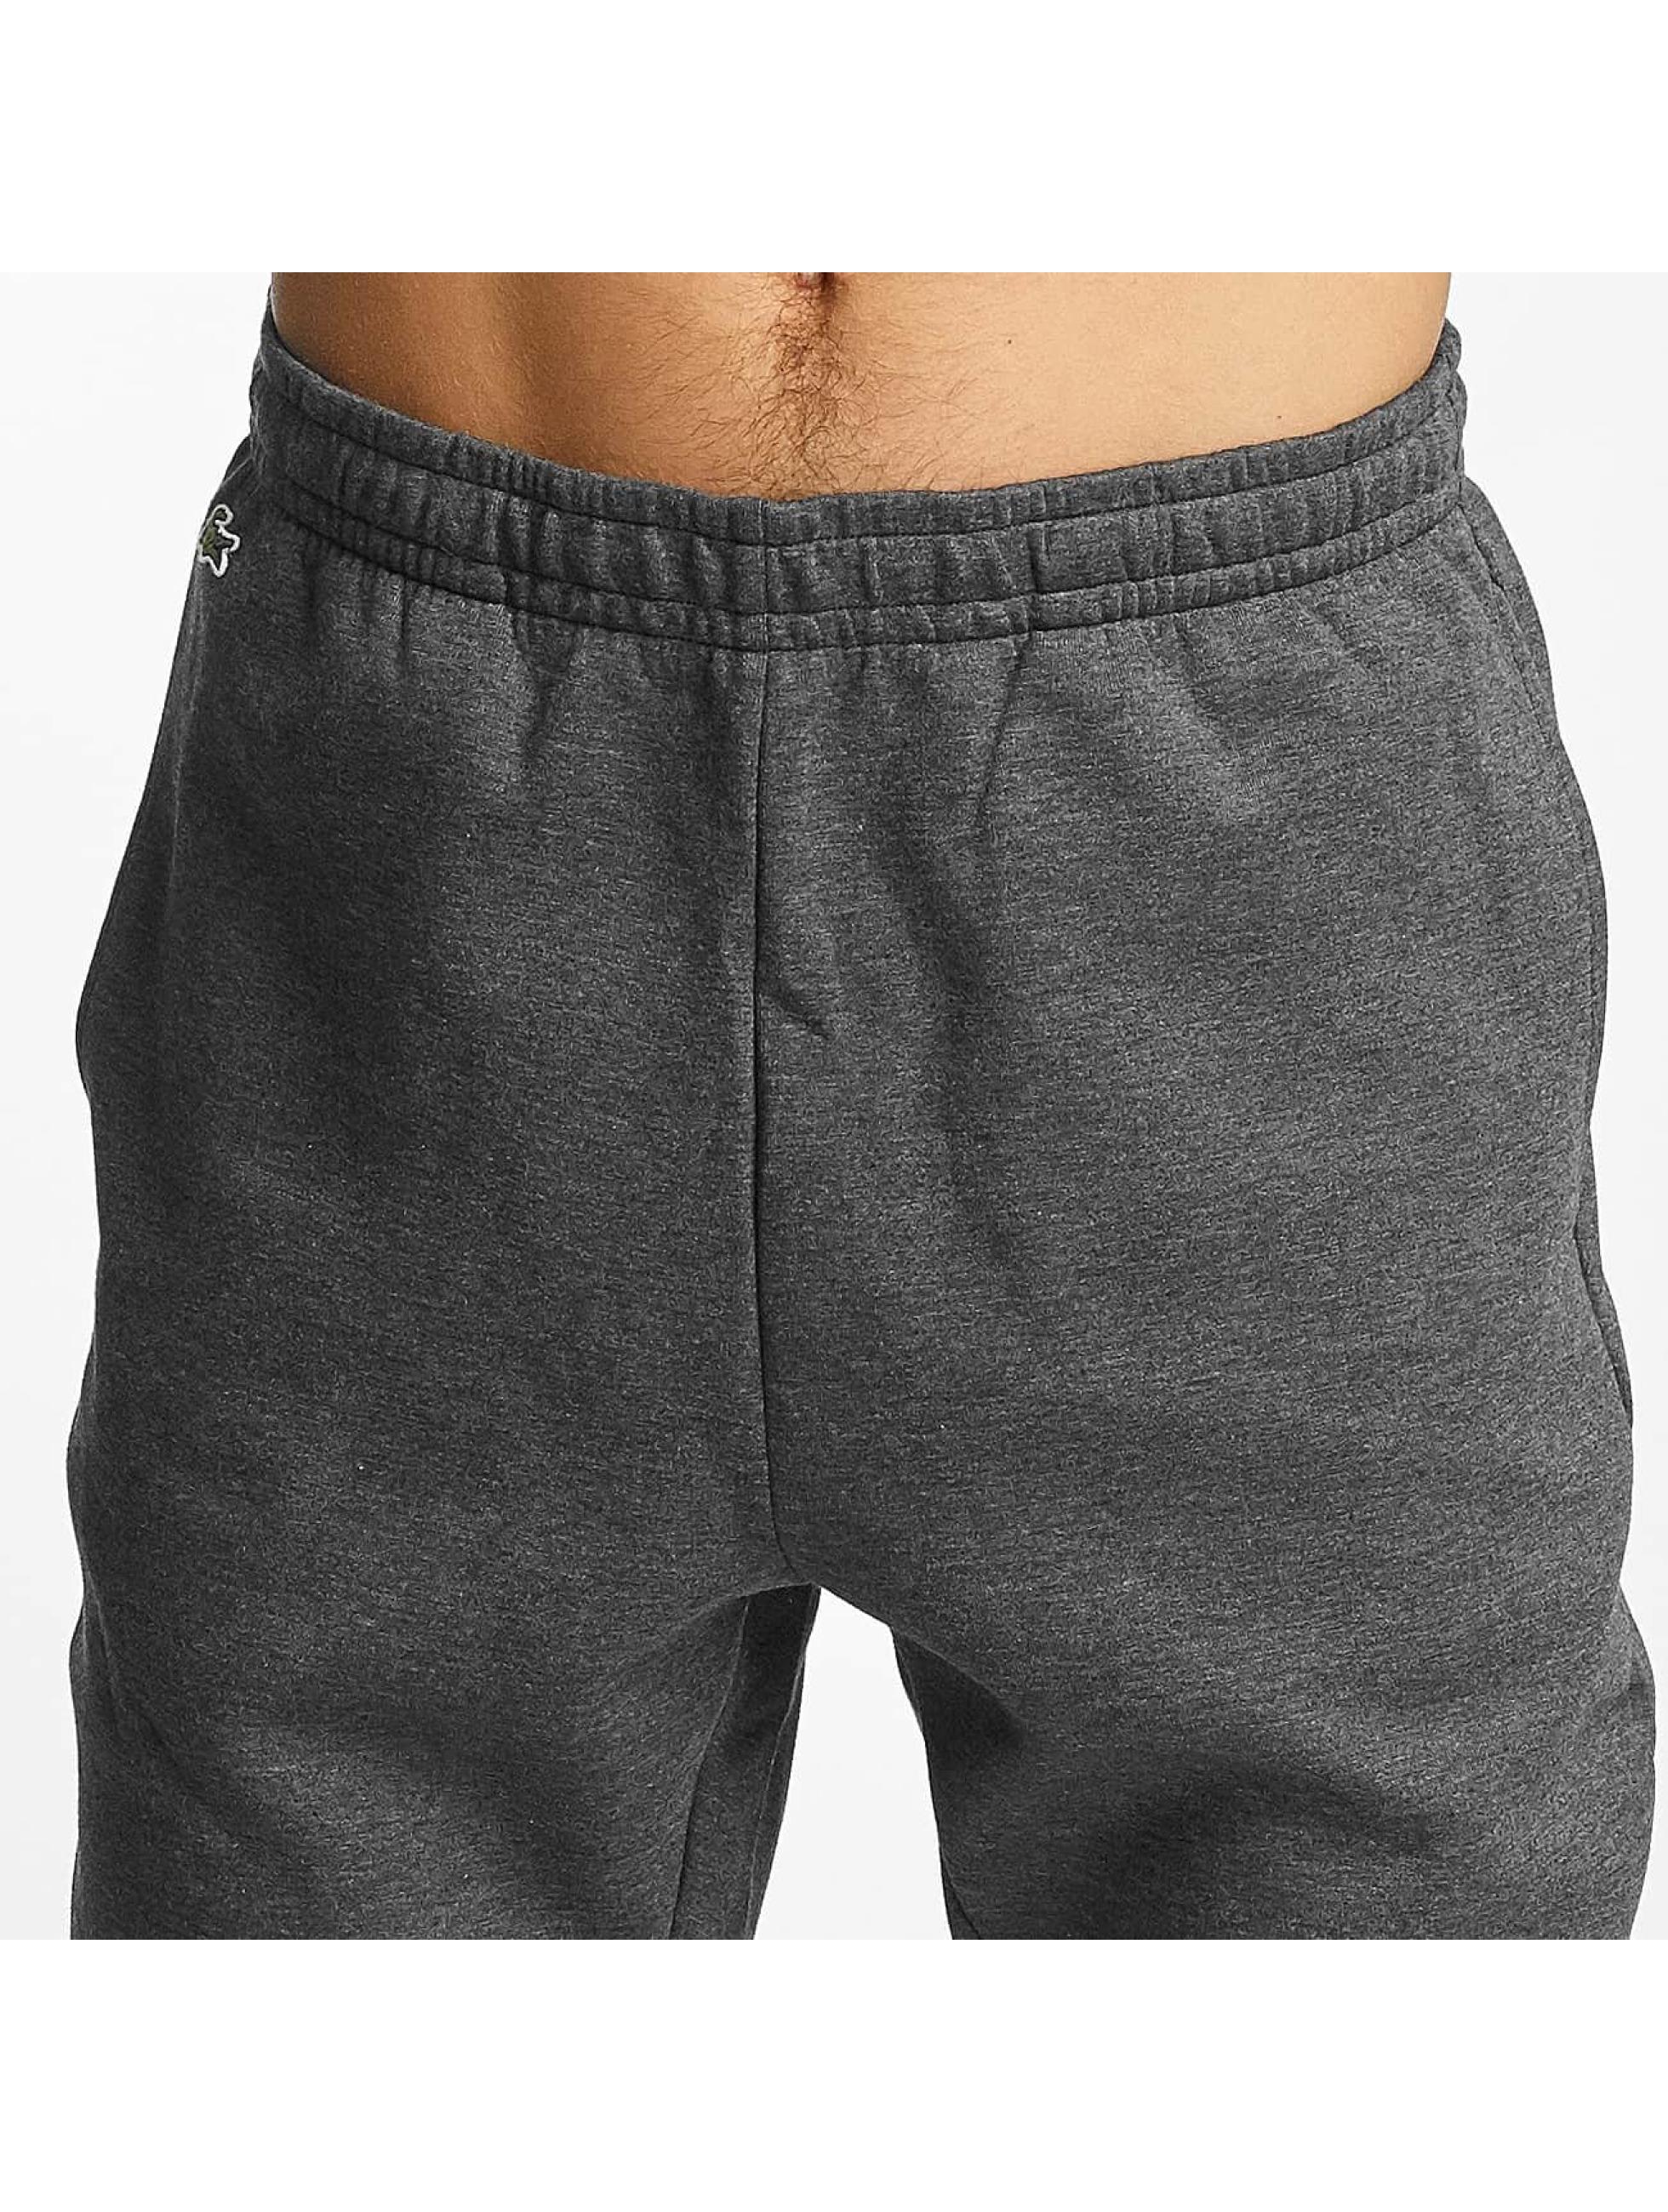 Lacoste Classic Spodnie do joggingu Basic szary